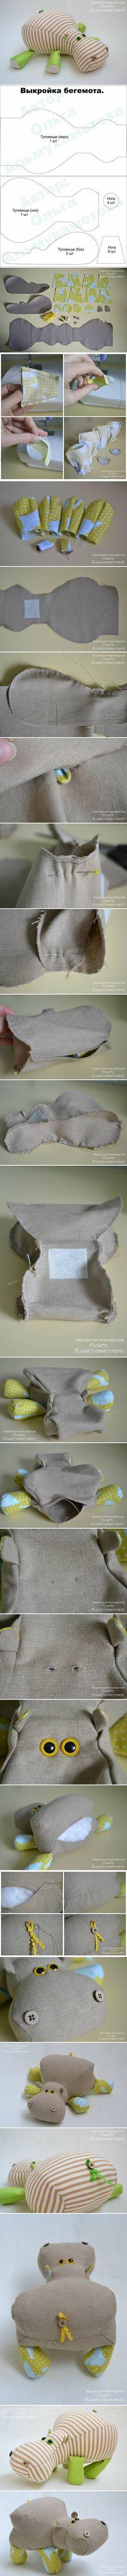 DIY Stuffed Animal Hippo - FREE Sewing Pattern and Tutorial /el hipopotamo mas cuco del mundo